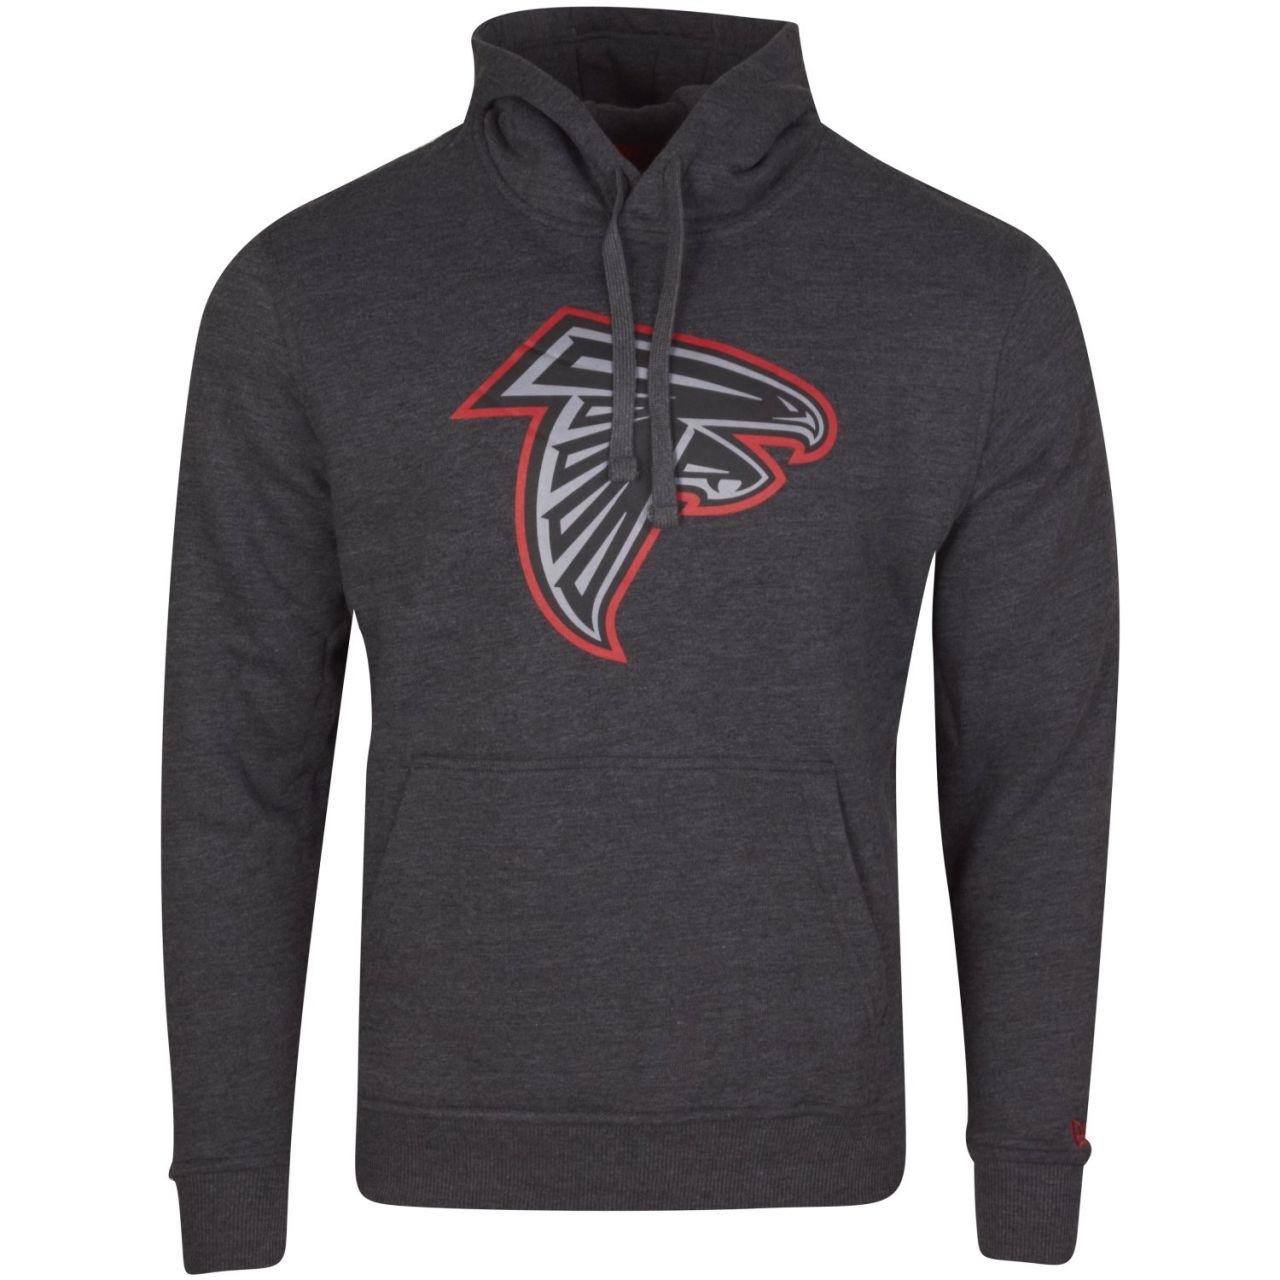 amfoo - New Era Fleece Hoody - NFL Atlanta Falcons charcoal